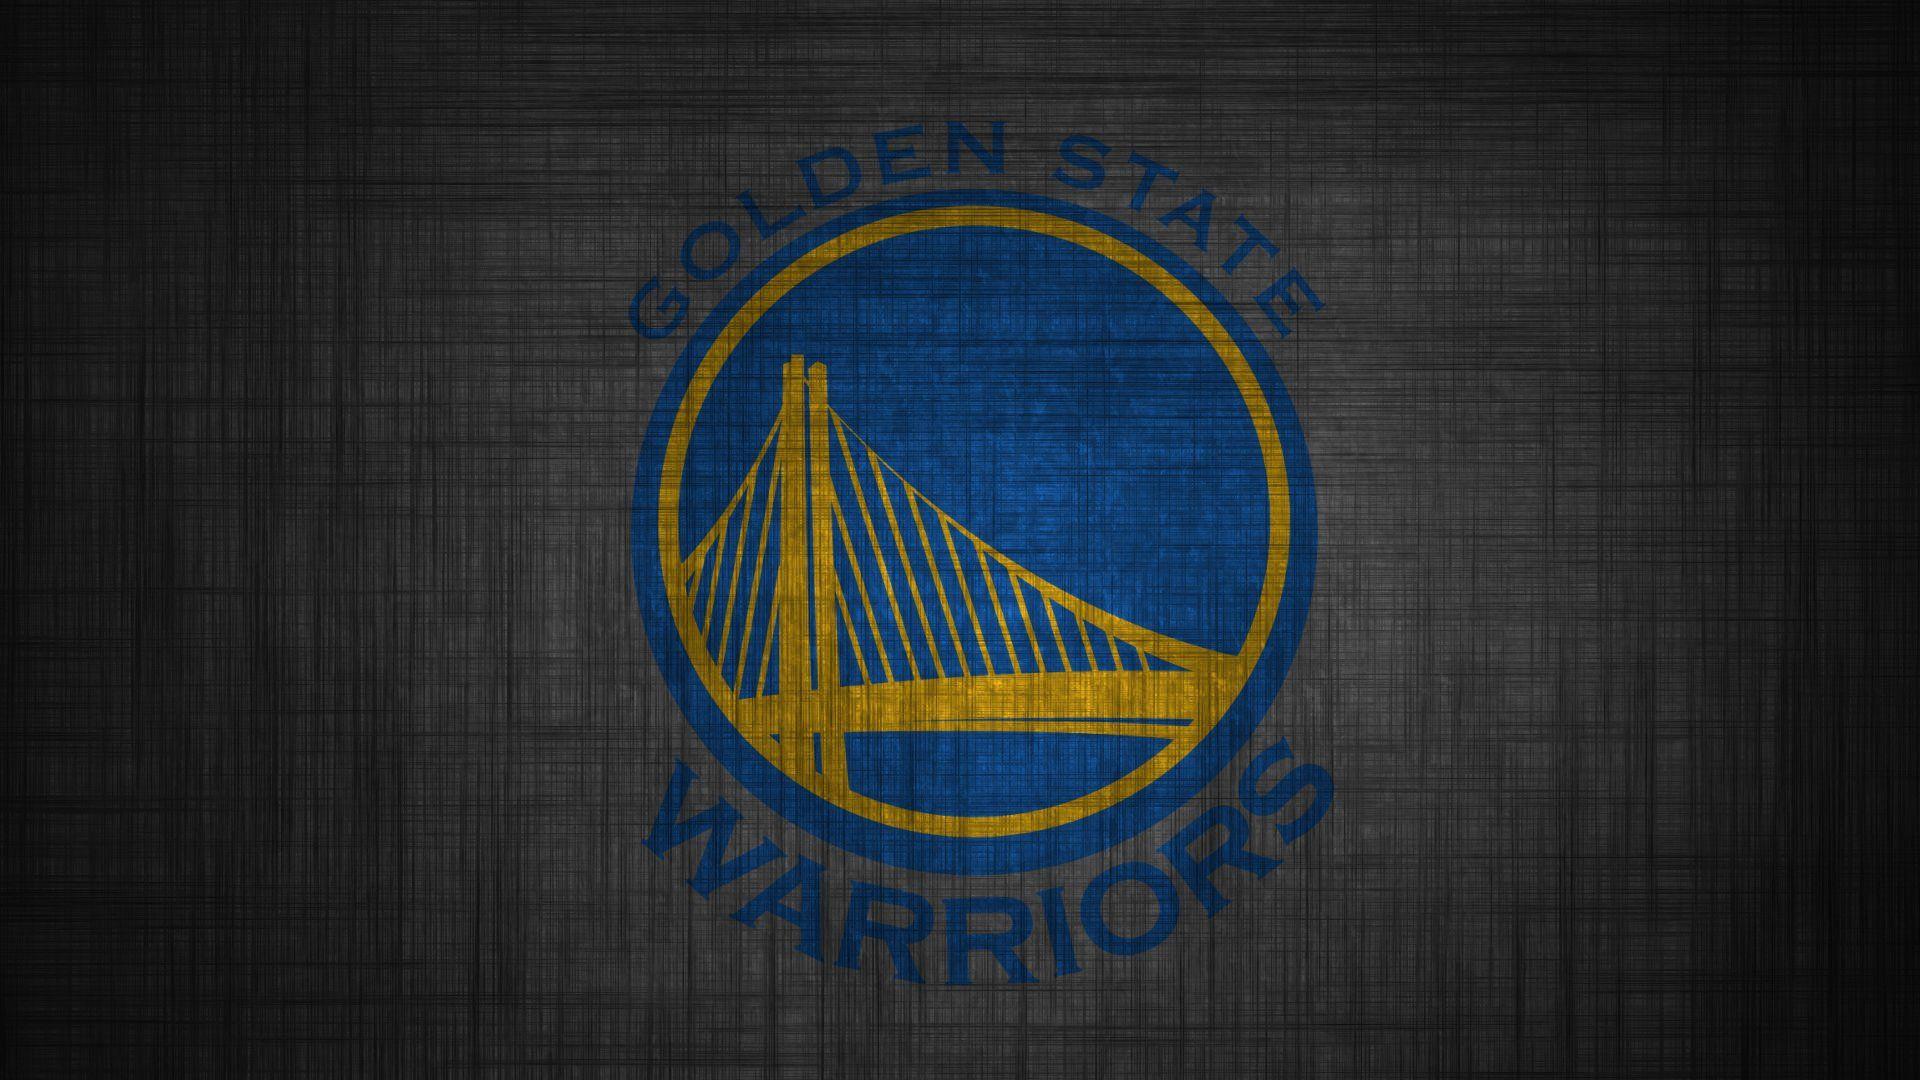 Golden State Warriors Logo Wallpaper Wallpaper HD p.